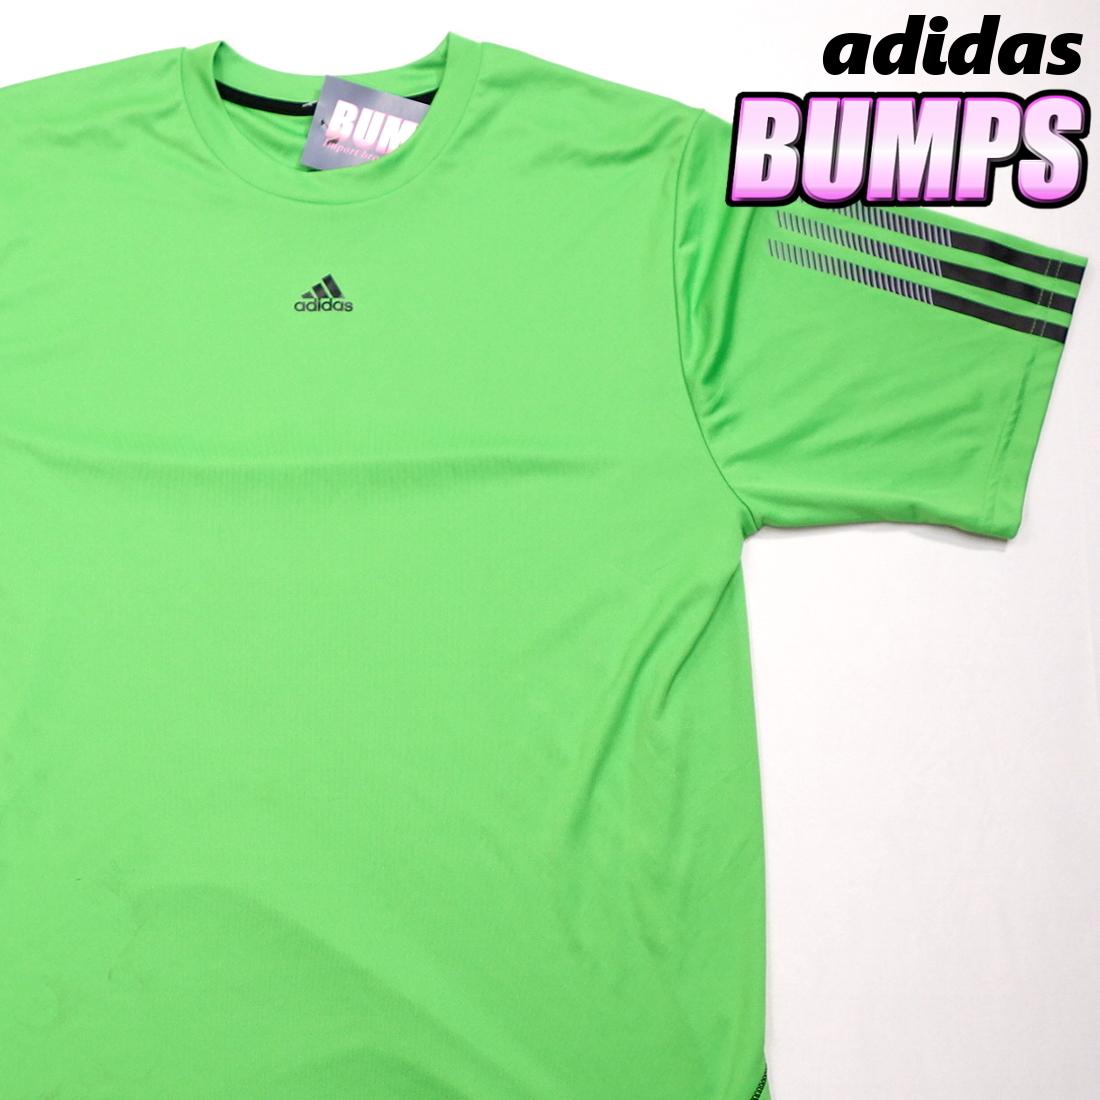 アディダス adidas Tシャツ 半袖 メンズ M クルーネック ワンポイントロゴ 三本ライン スポーツ カジュアル USA直輸入 古着 MAD-1-1-0037_画像1